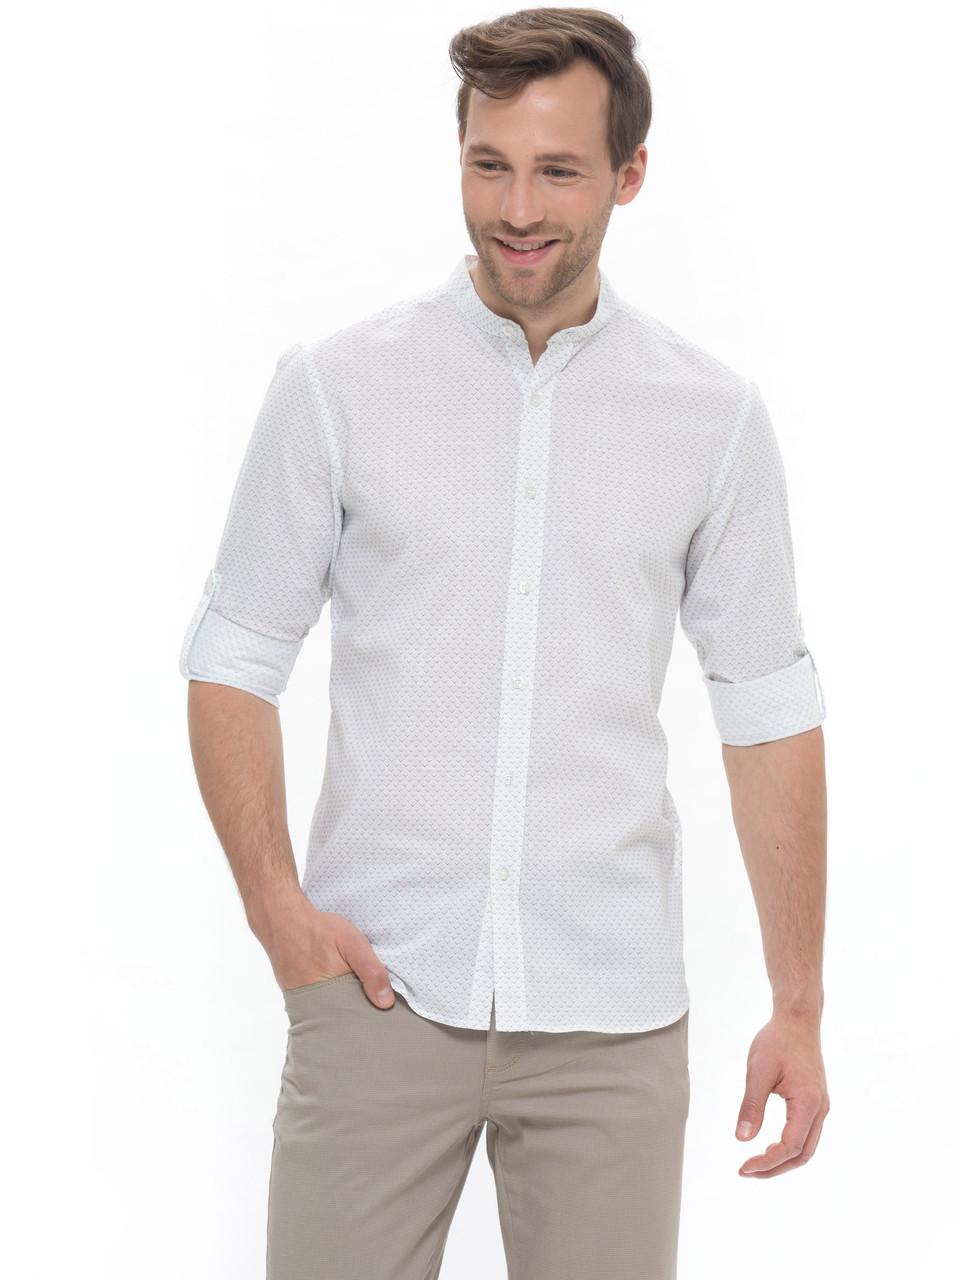 Белая мужская рубашка LC Waikiki / ЛС Вайкики с воротником-стойкой, в черную точку